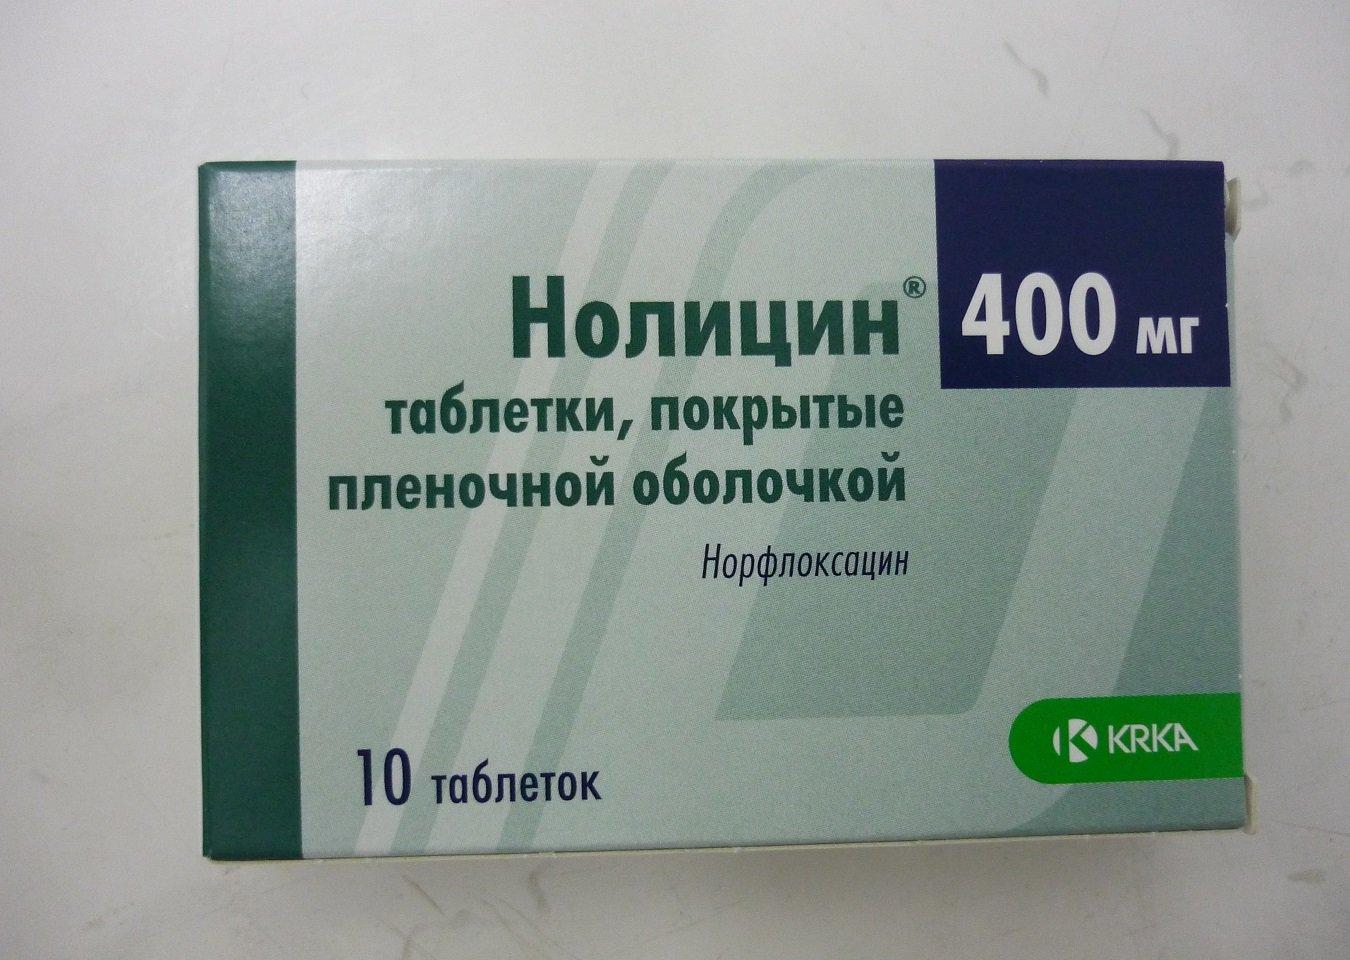 Нолицин при простатите отзывы форум хронический простатита от чего появляется